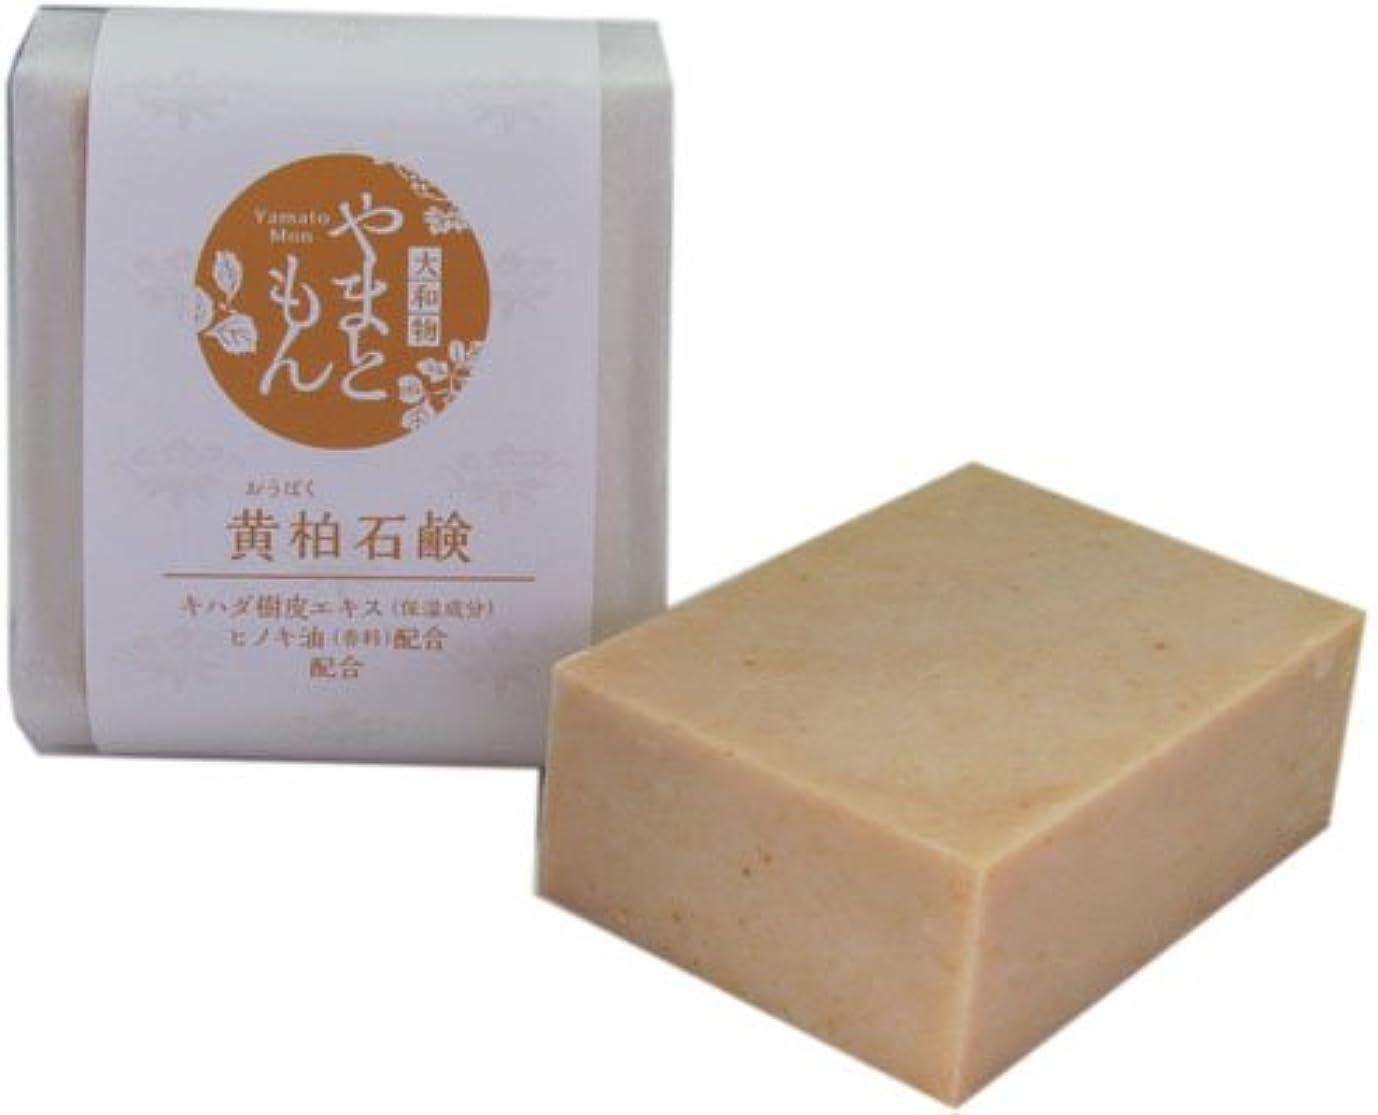 メルボルンカラスリンケージ奈良産和漢生薬エキス使用やまともん化粧品 黄柏石鹸(おうばくせっけん)